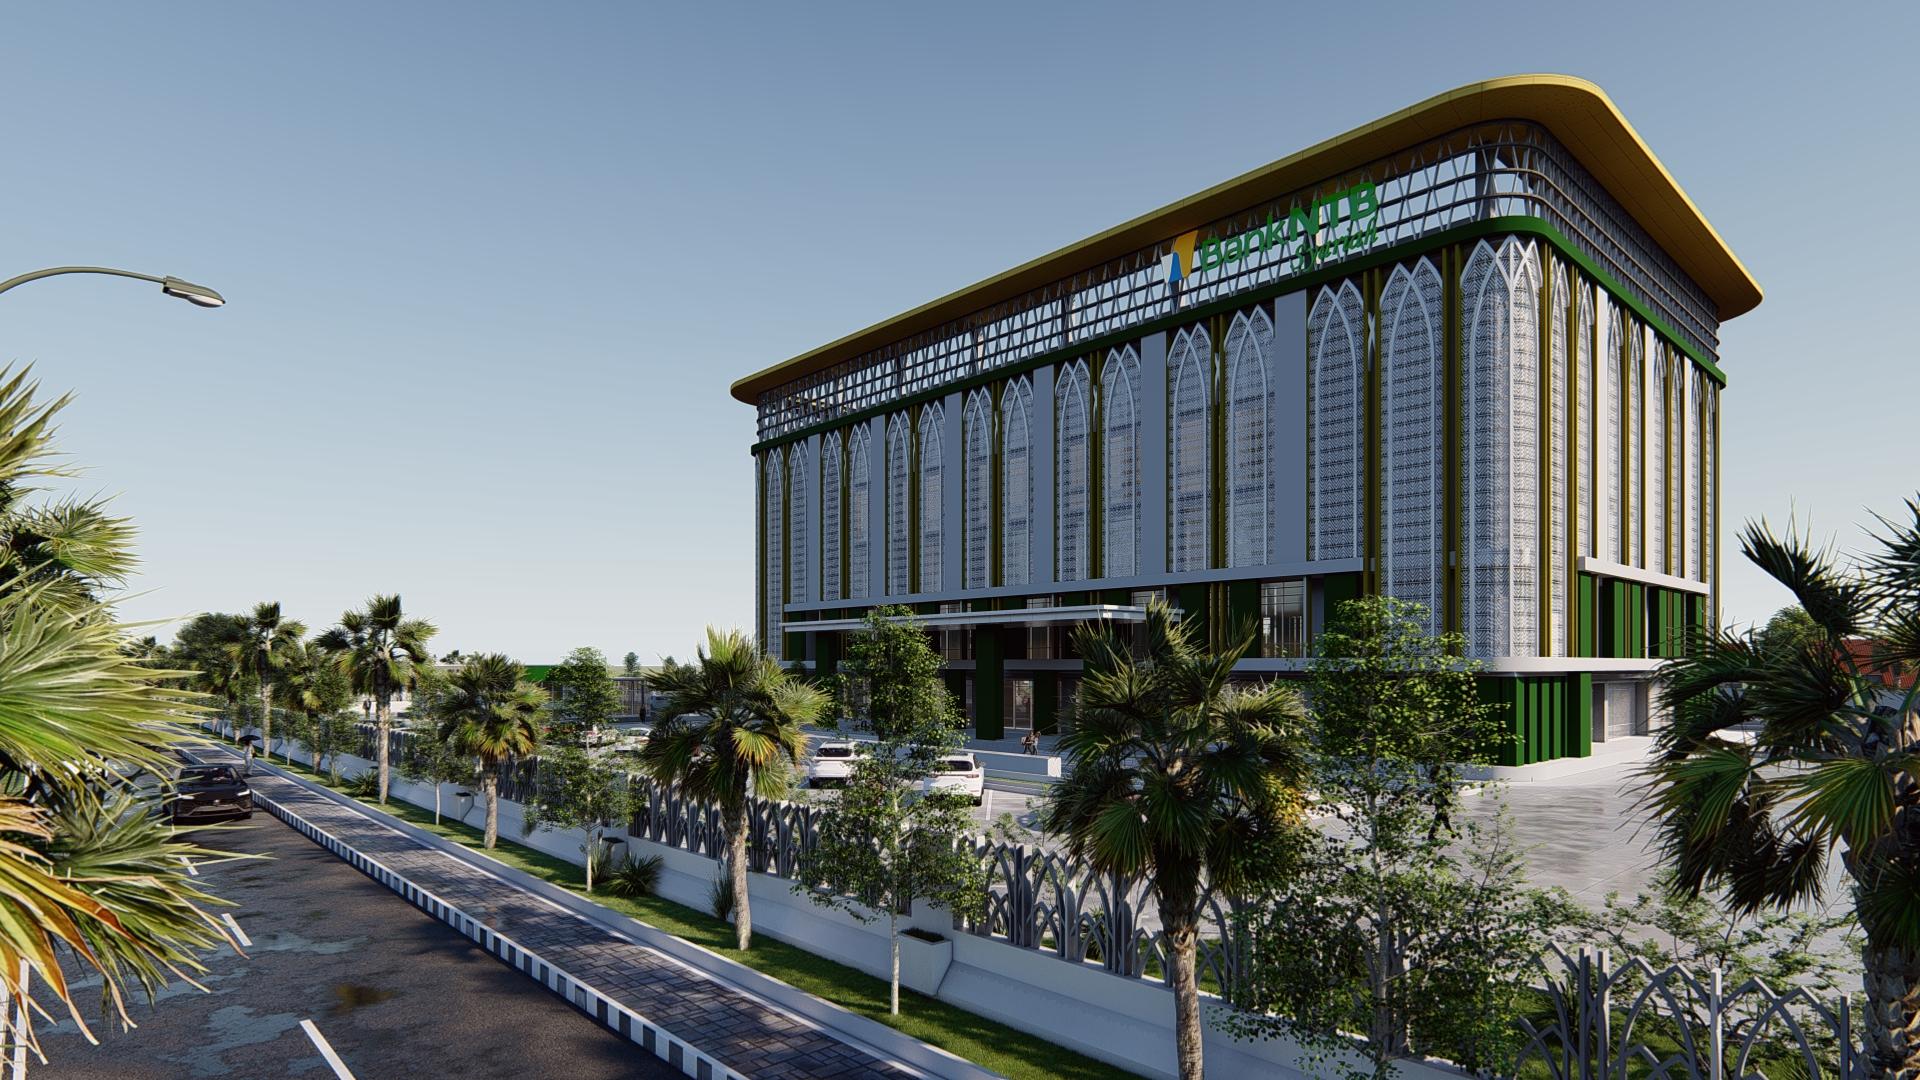 Jasa-Konsultansi-Perencana-Pembangunan-Gedung-PT-Bank-NTB-Syariah-Kantor-Cabang-Pembantu-Alas.html